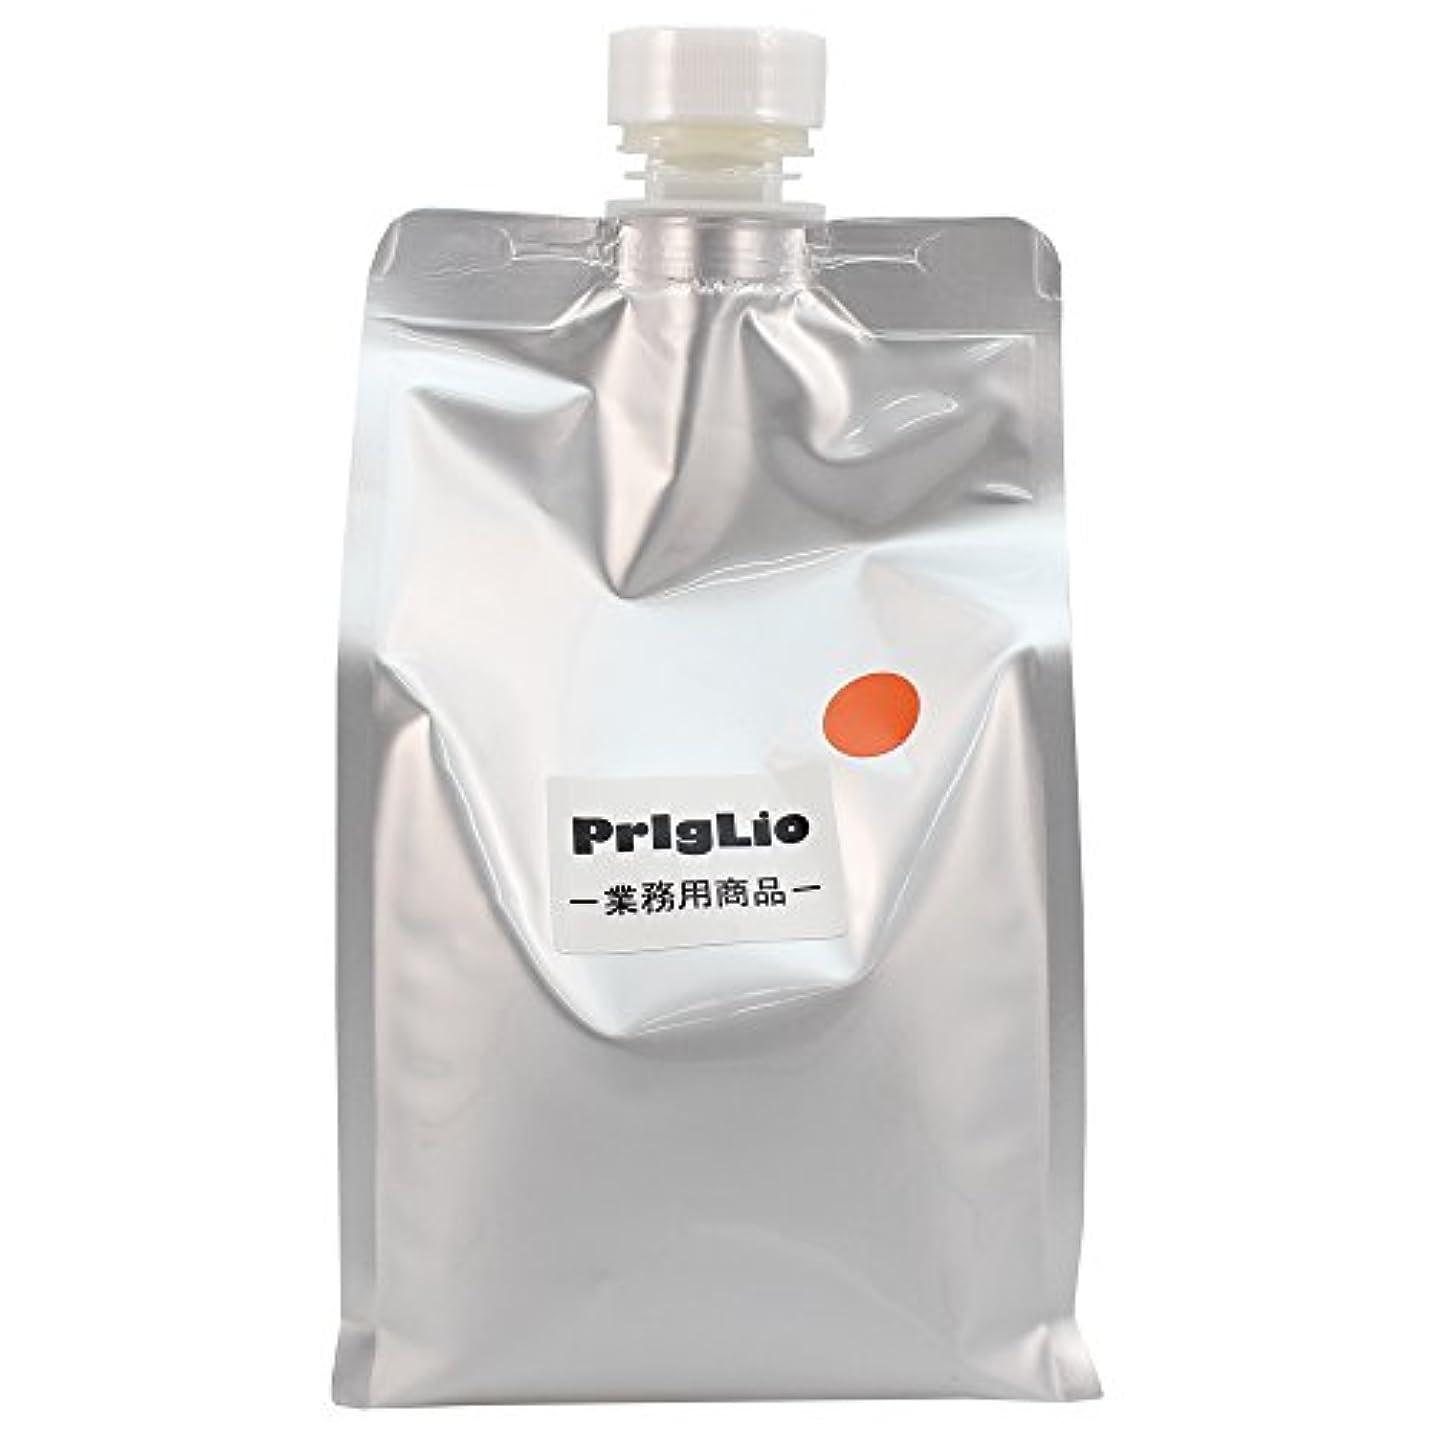 種水を飲む電卓プリグリオD ナチュラルハーブシャンプー オレンジ 900ml